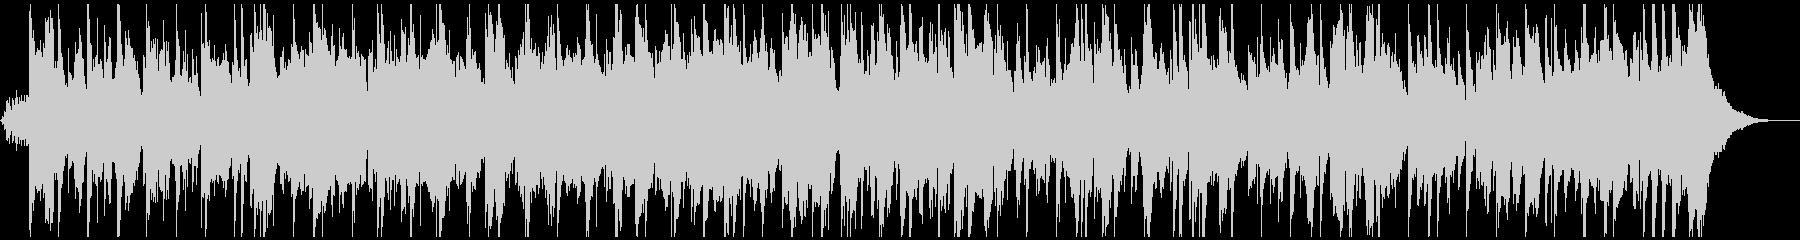 生演奏・ハーモニカとバイオリンのバラードの未再生の波形